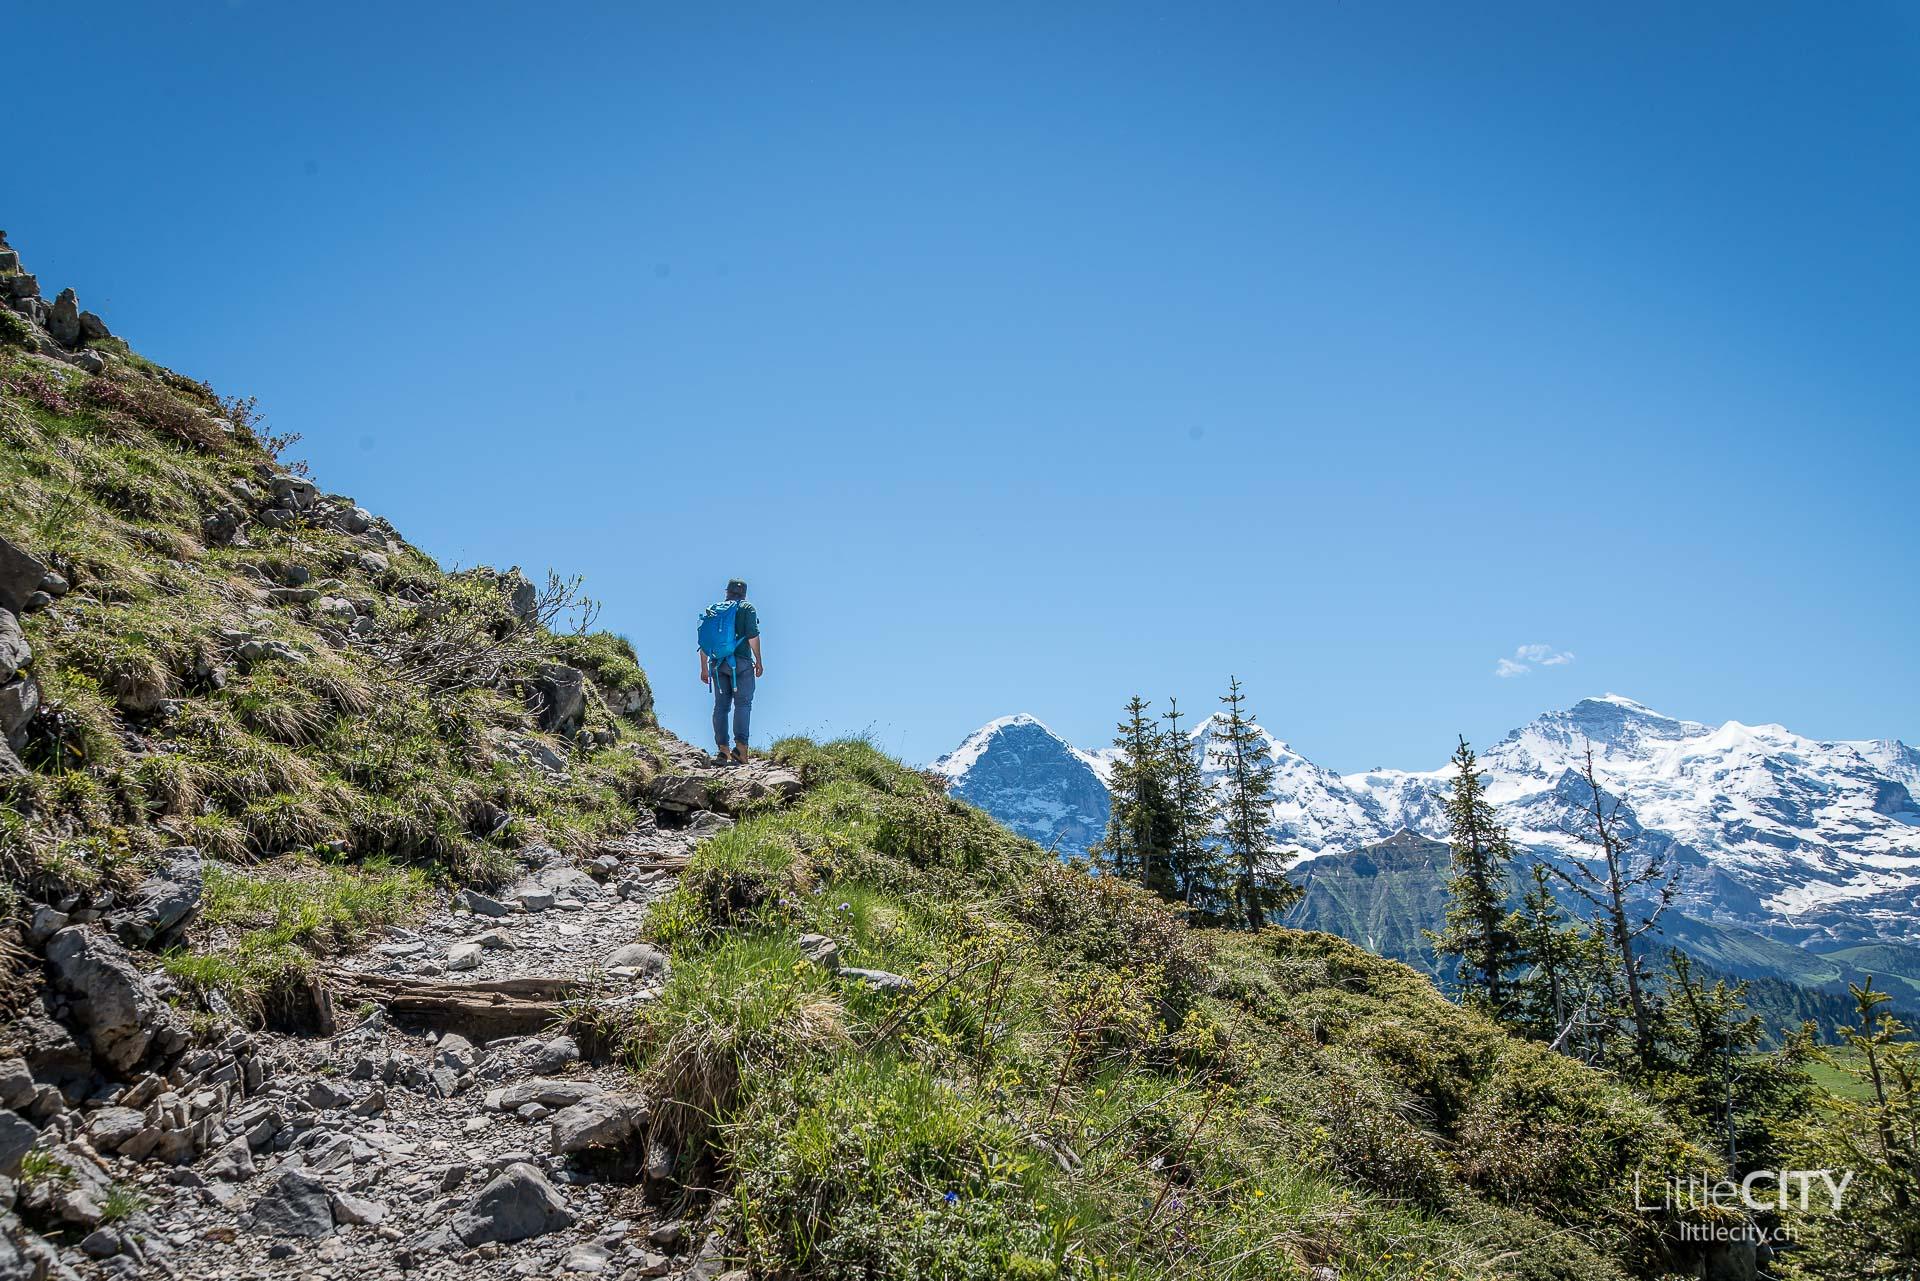 Schynige Platte Wanderung Jungfrau Bahnen LittleCITY-20